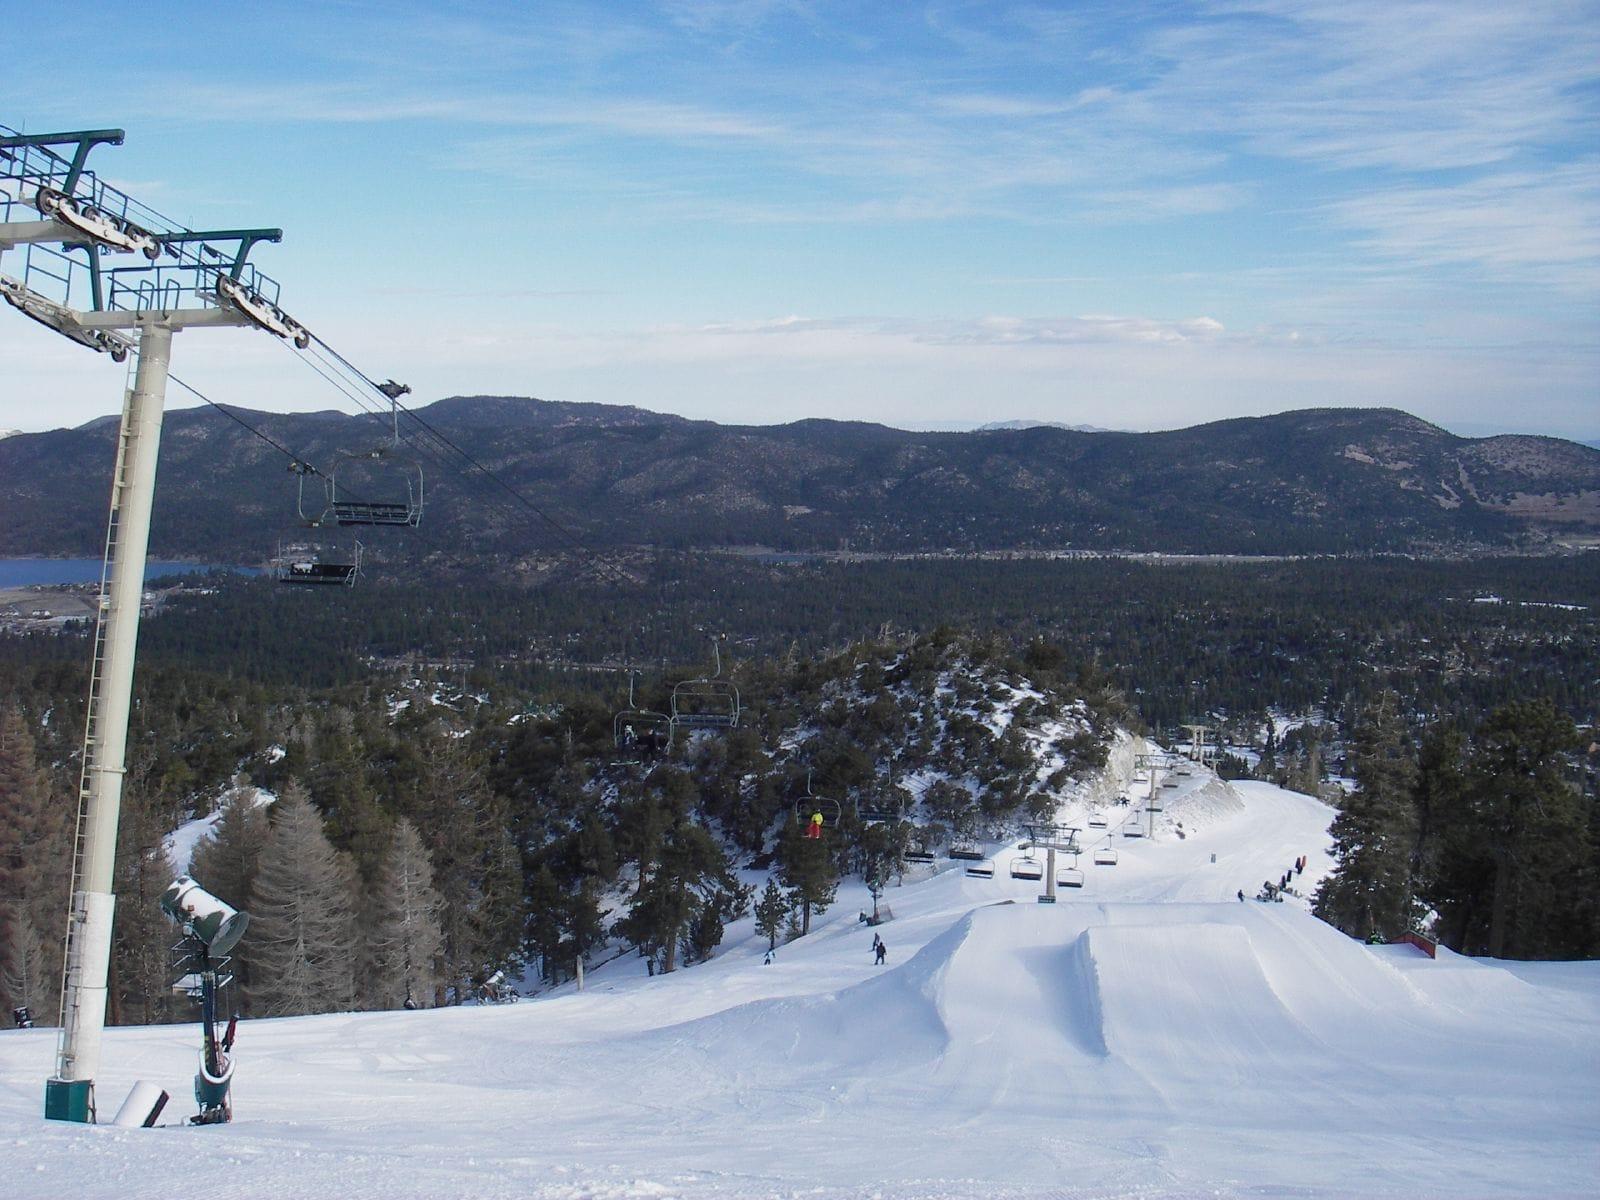 Easy terrain at Big Bear ski resort